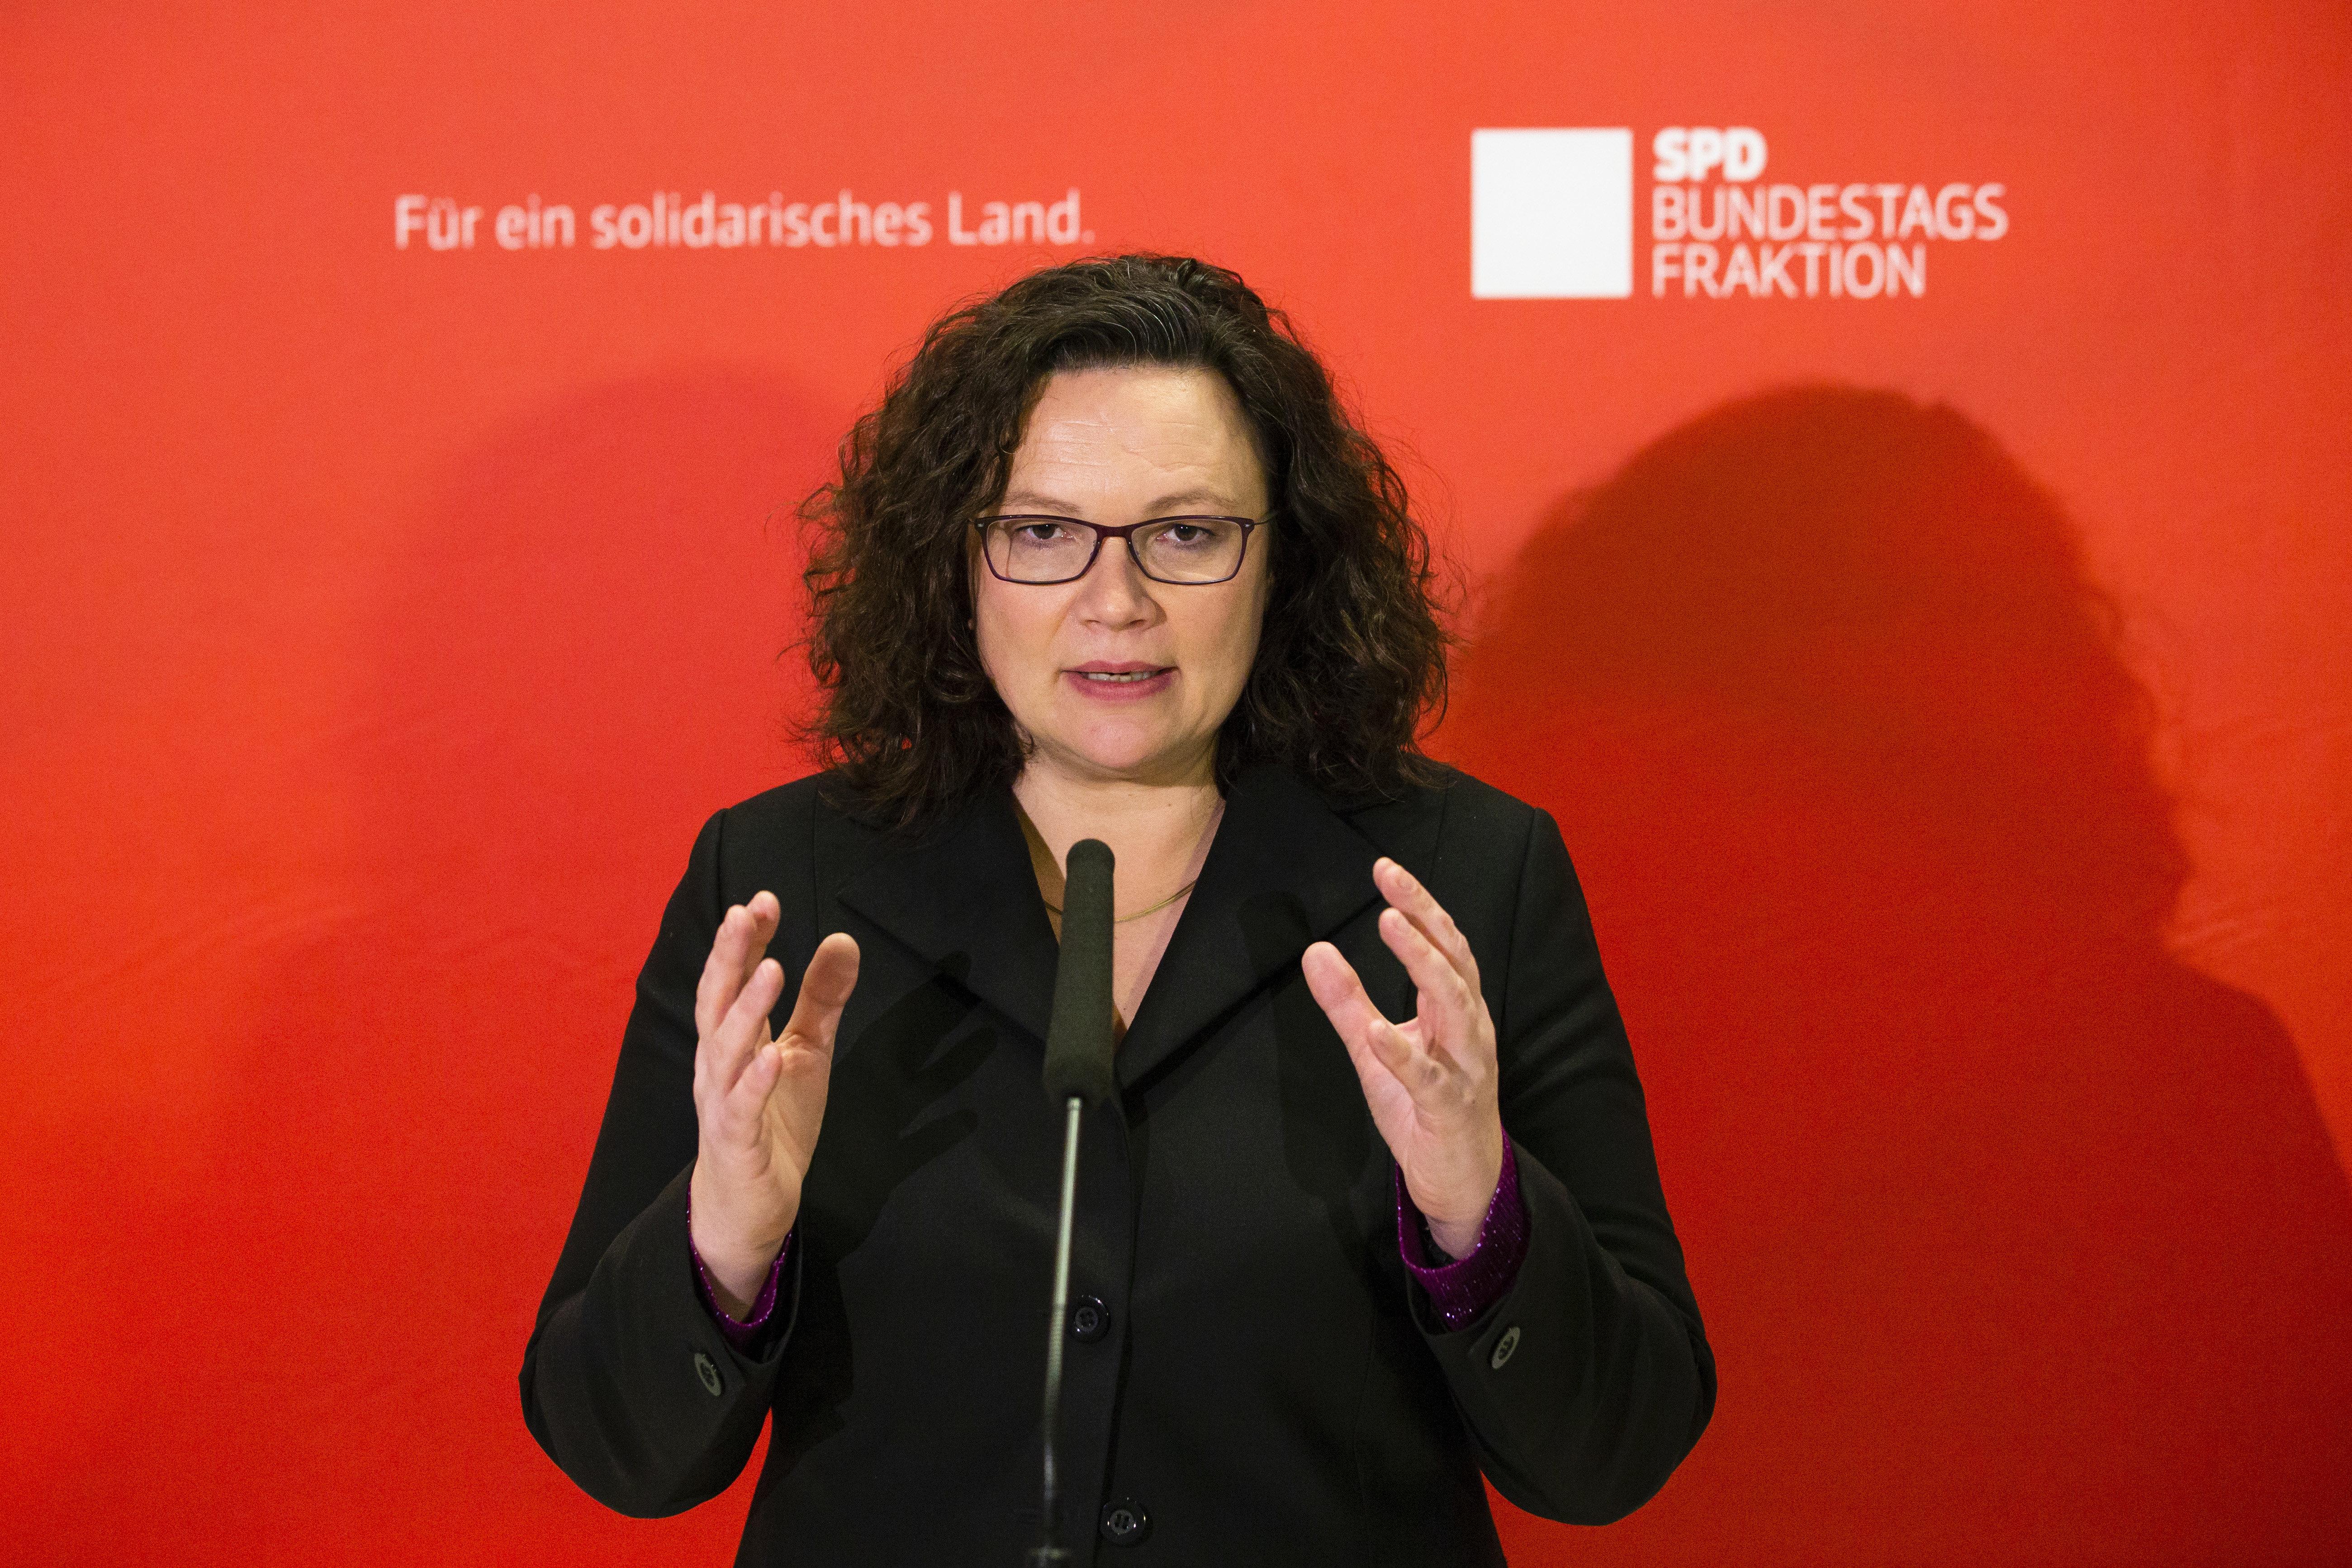 Längerer Bezug, weniger Strafen:So will Nahles Hartz IV reformieren